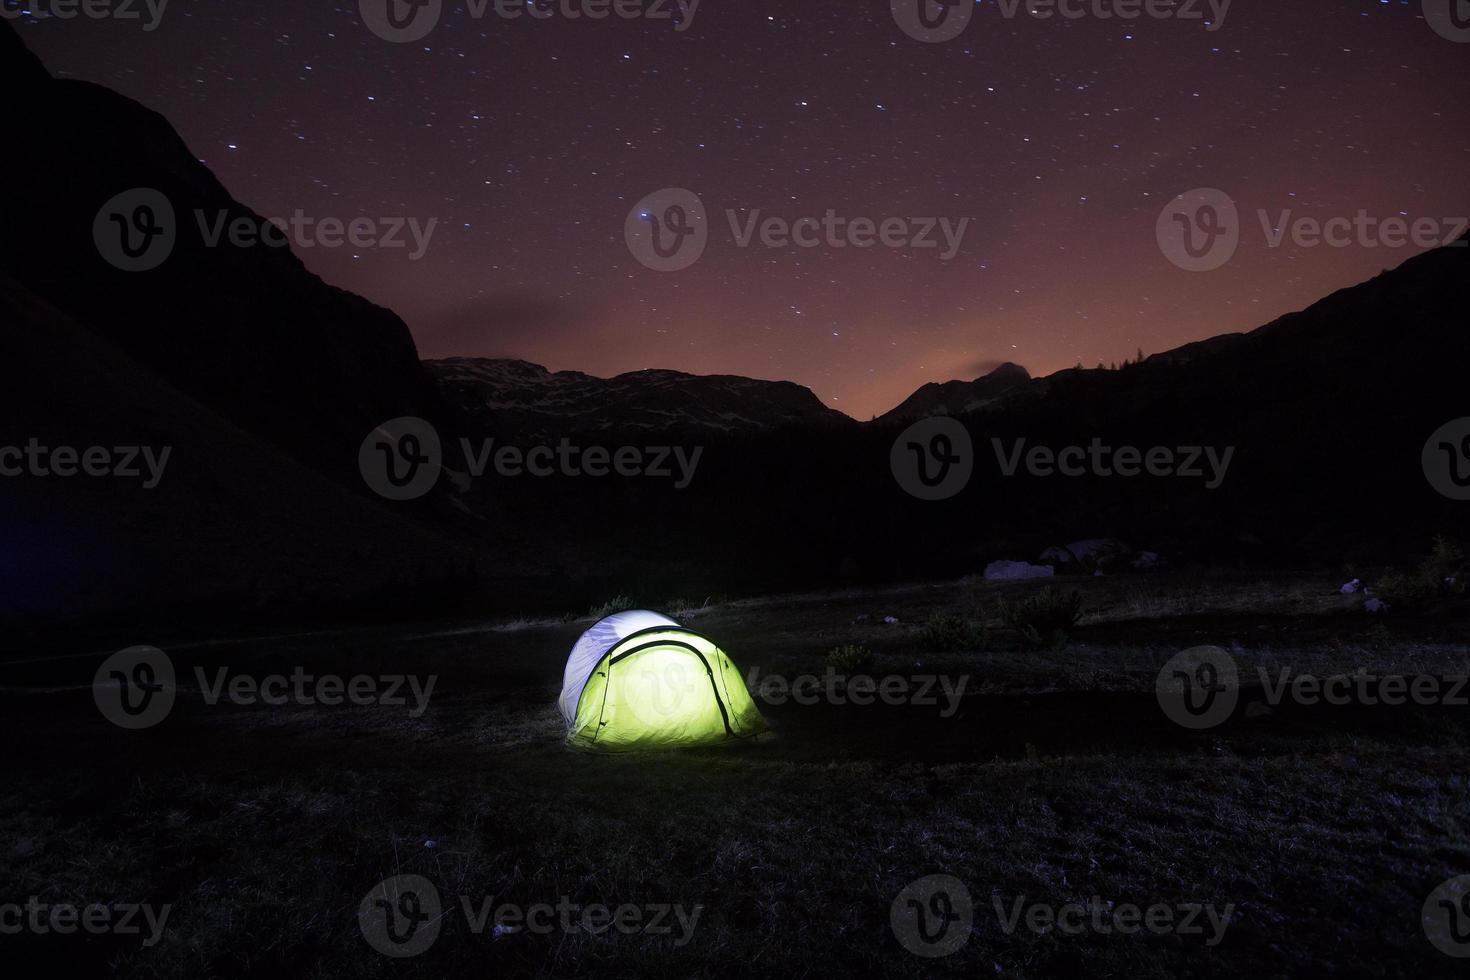 tält stående på en berg betesmark under stjärnhimmel foto